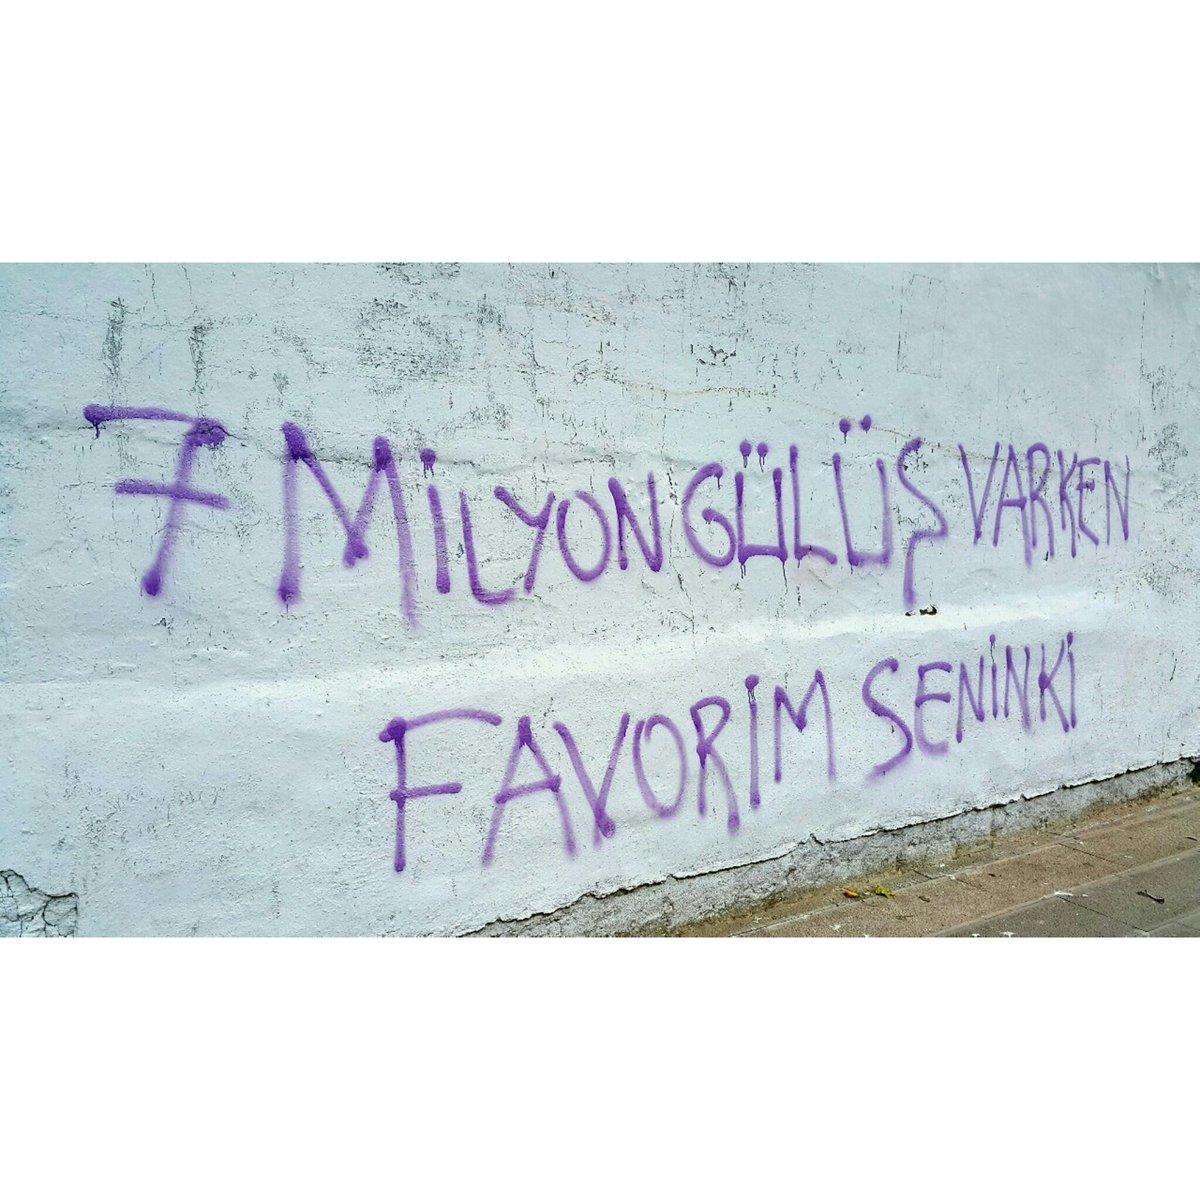 Enes Den On Twitter 7 Milyon Gl Varken Favorim Seninki